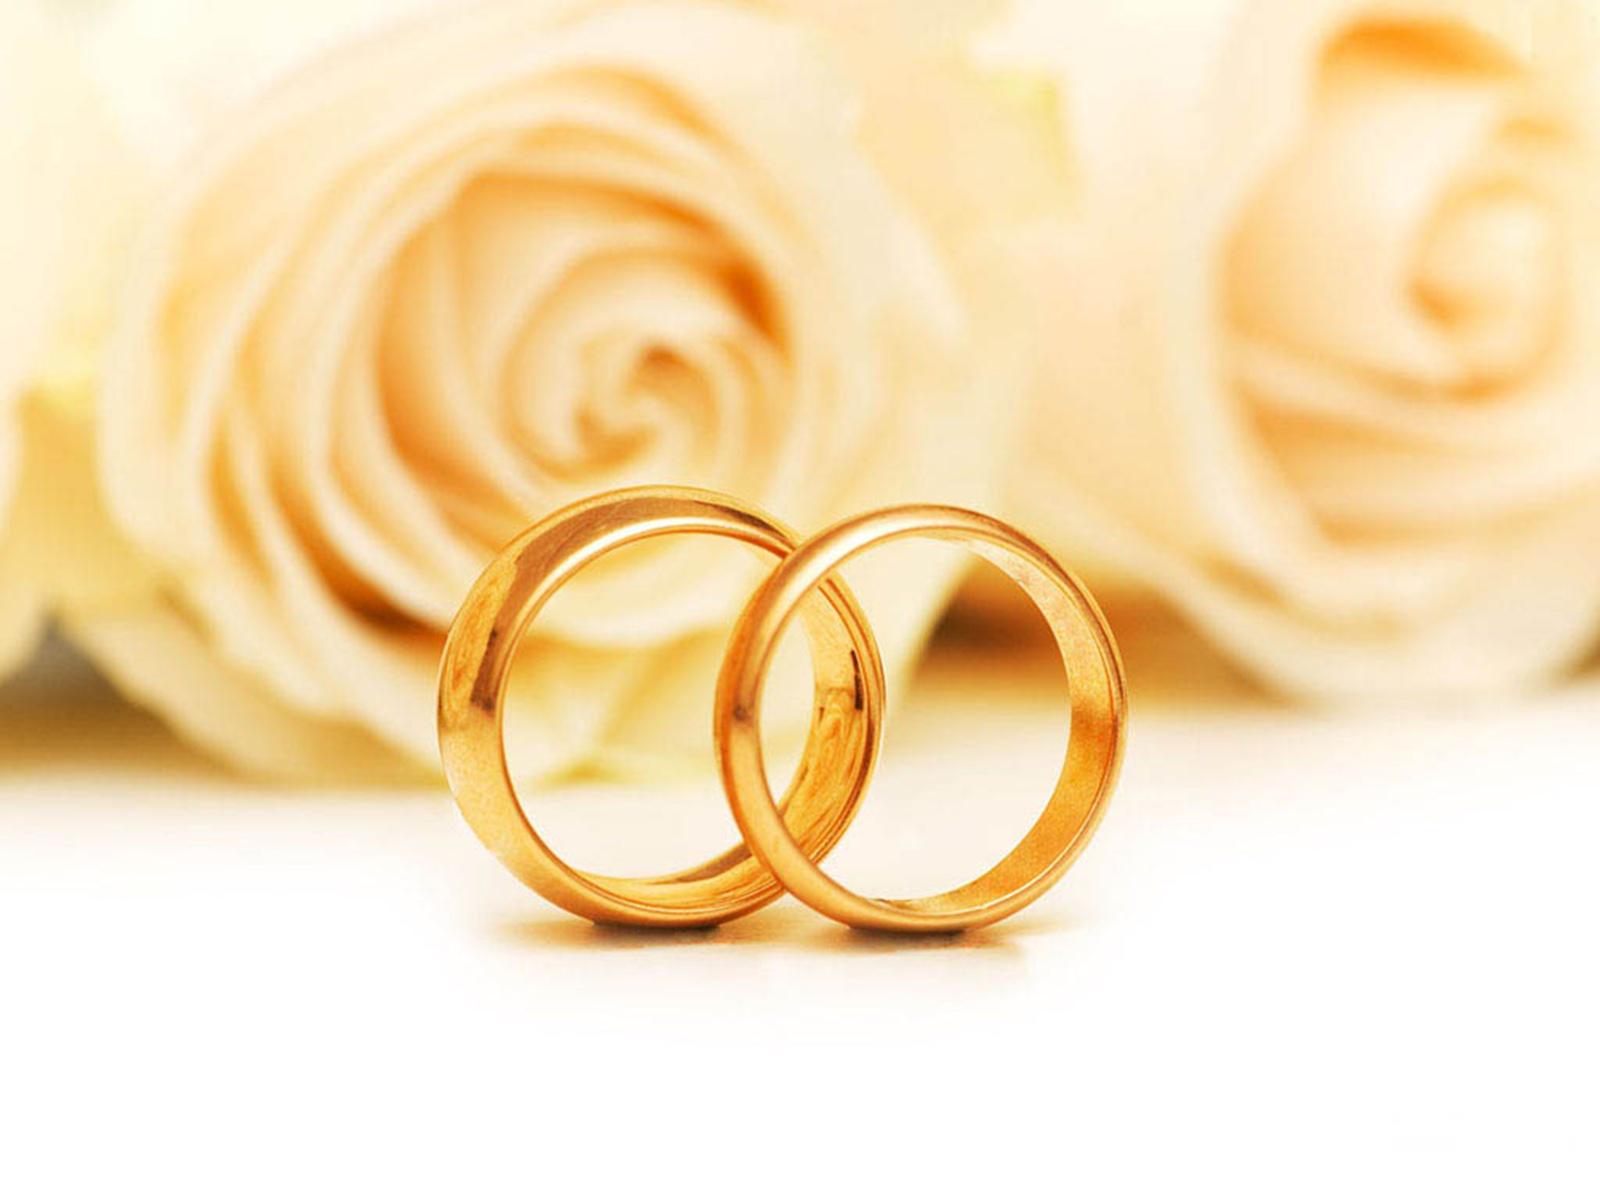 معیارهای انتخاب همسر و کفو بودن در ازدواج- پایگاه اینترنتی دانستنی ایران